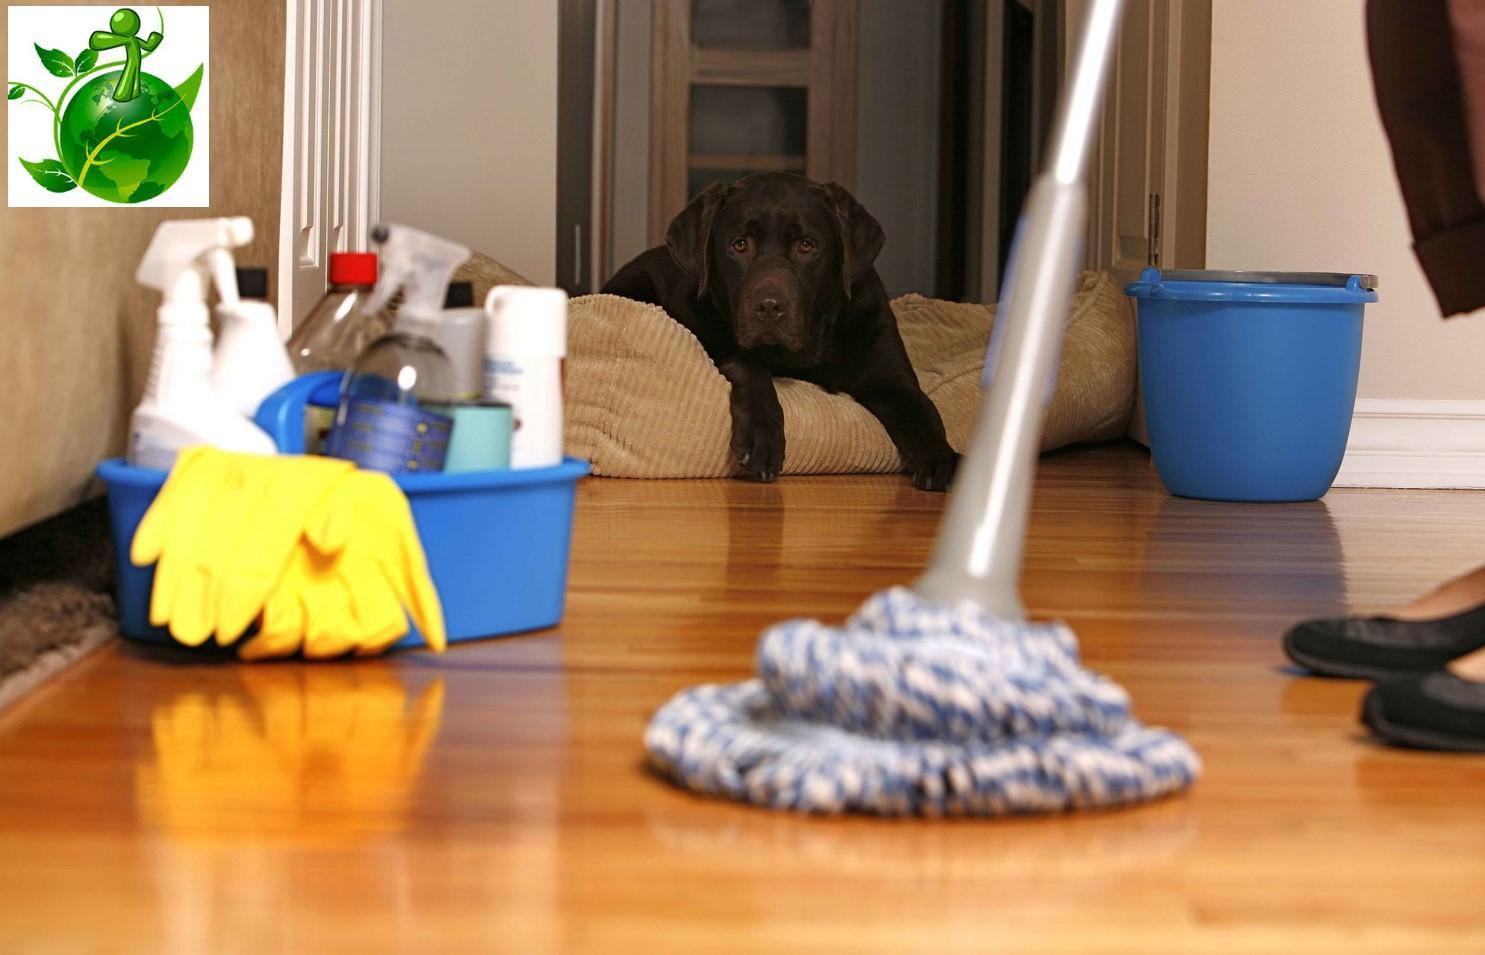 Απο 35€ για Γενικο Επαγγελματικο Καθαρισμο οικιας, απο 3 ατομα, απο την Clean Factor, με εξυπηρετηση σε ολη την Αττικη